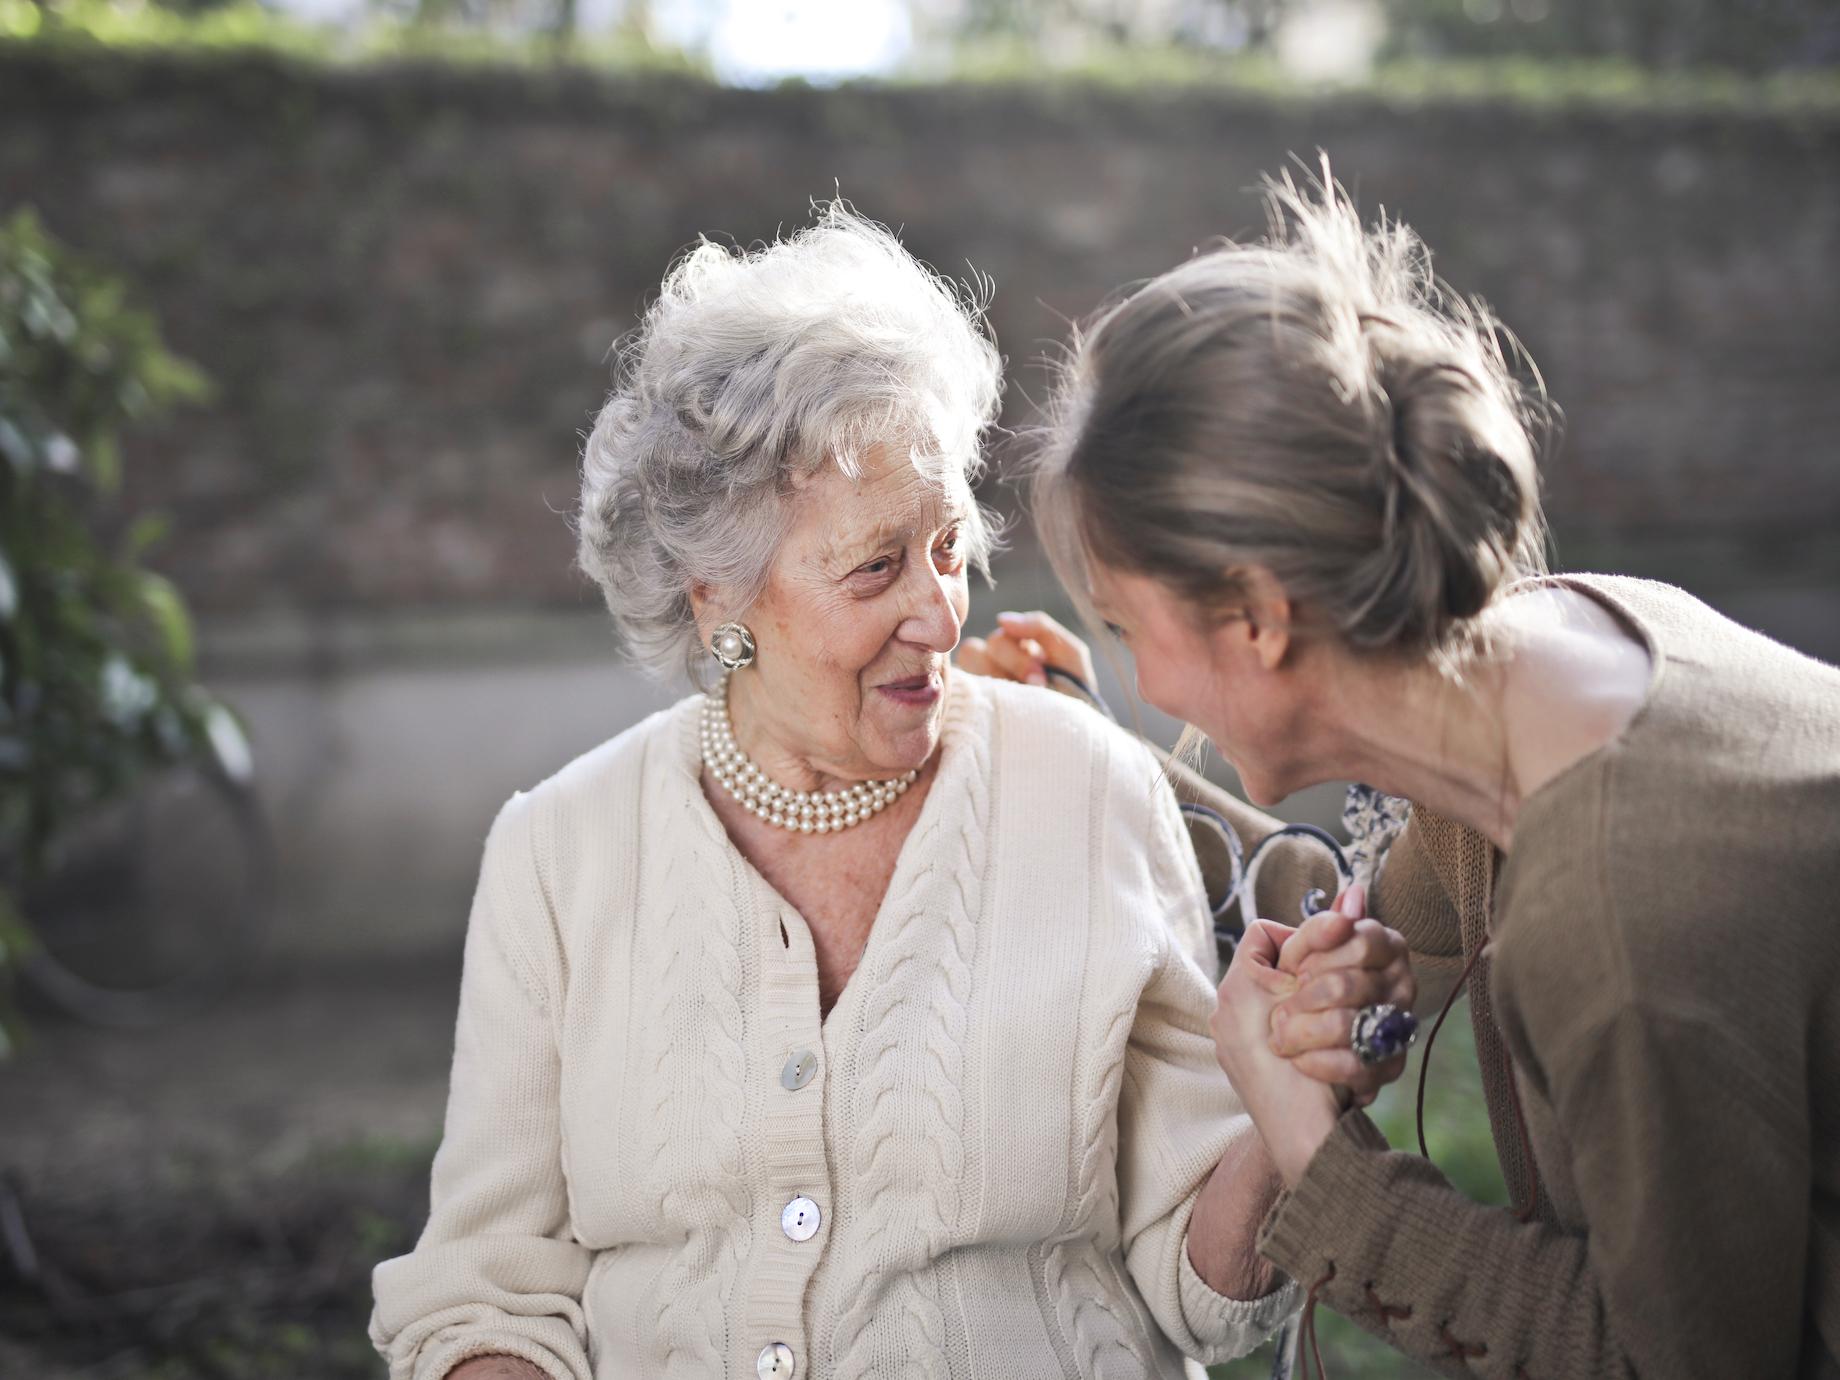 父母健康亮紅燈!「變老」症狀你都看懂了嗎?照顧父母的正確觀念從現在養成!